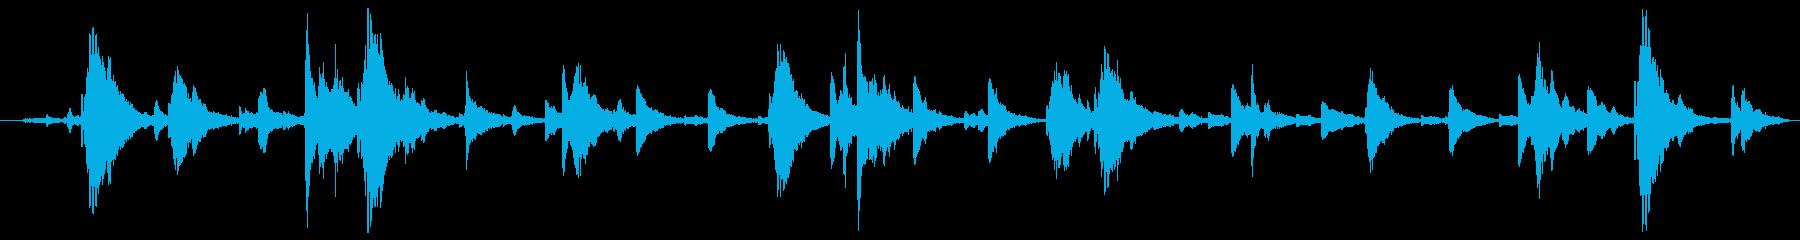 鐘の音ベルツリーの再生済みの波形